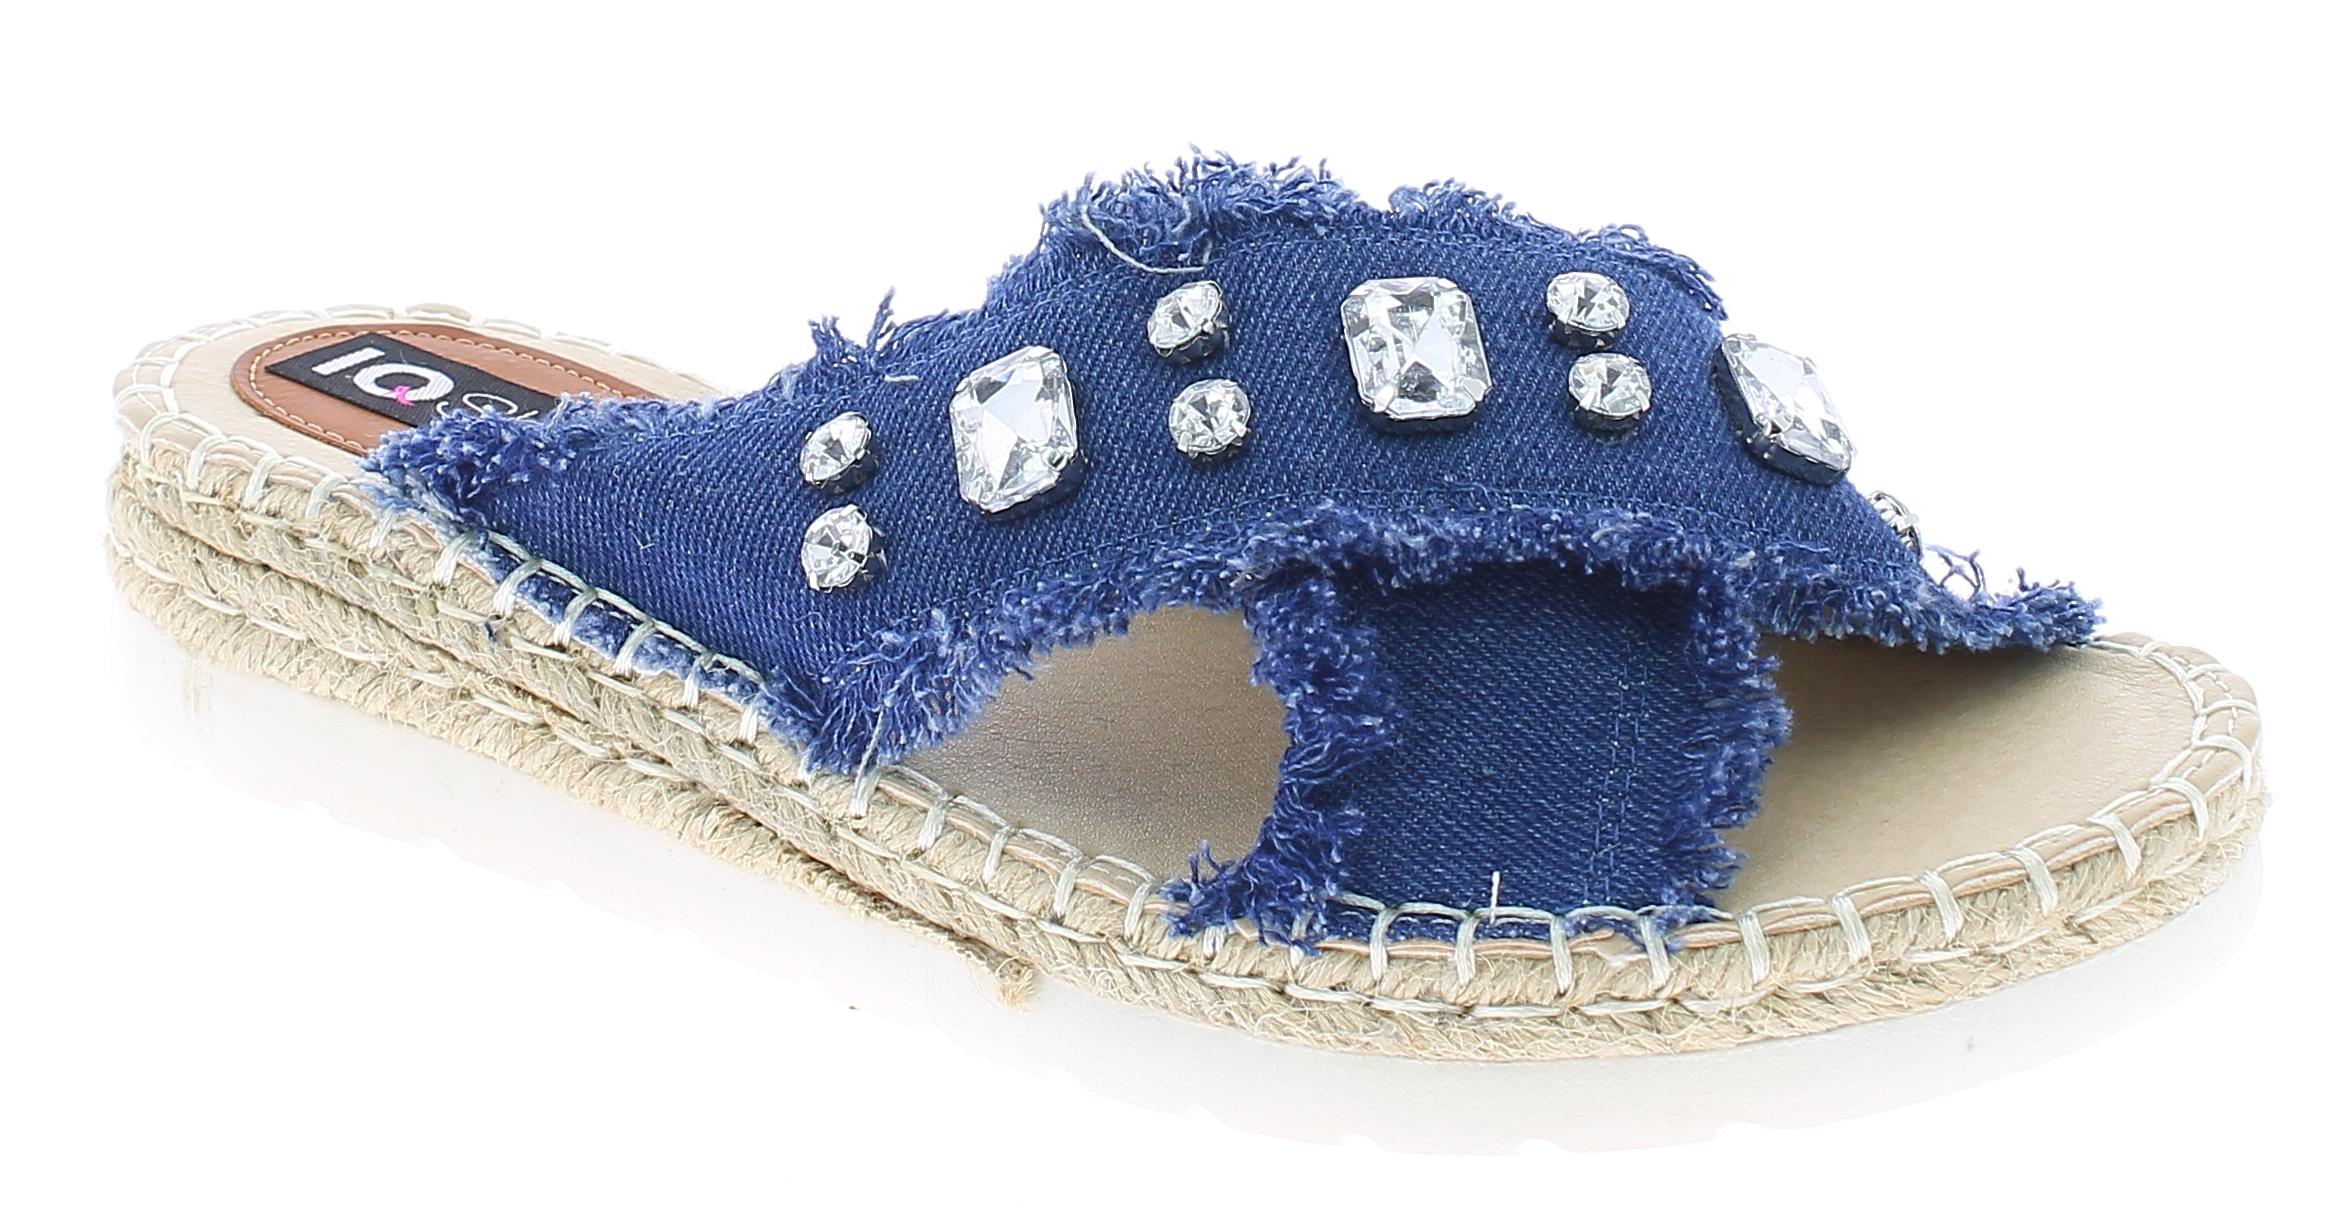 d59937b74c Missreina IQSHOES Γυναικεία Σανδάλια 17015 Μπλε - IqShoes - 1701-5  BLUE-blue-36